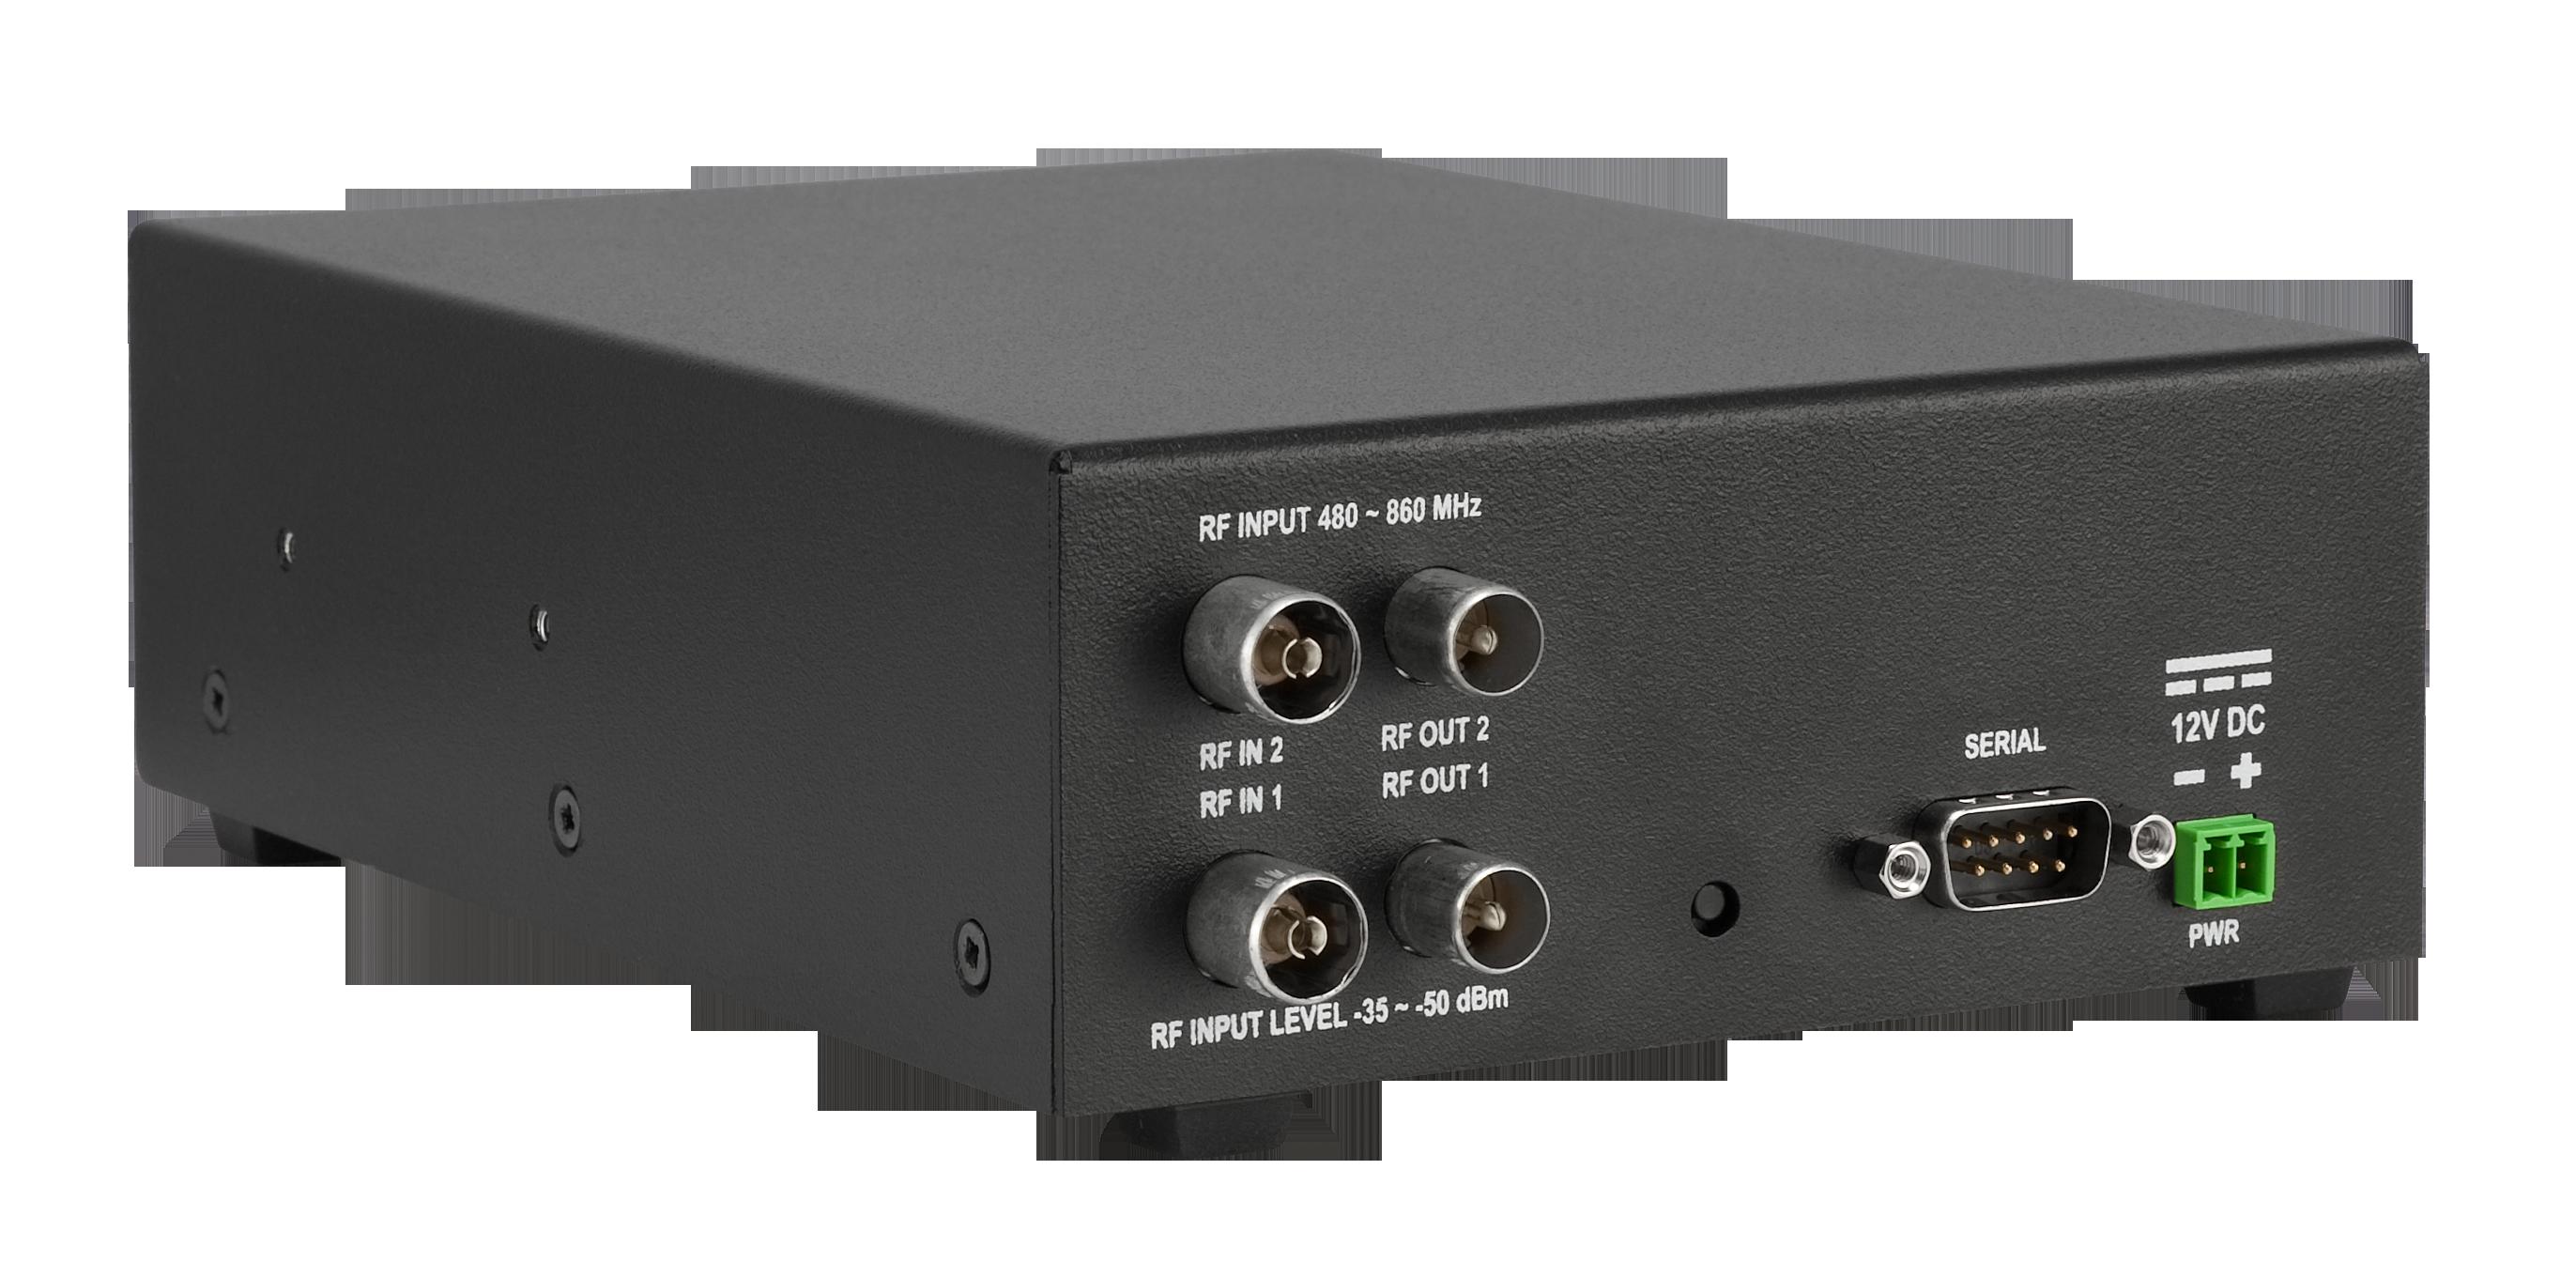 DTV-TX01-DVB-T Rear Right